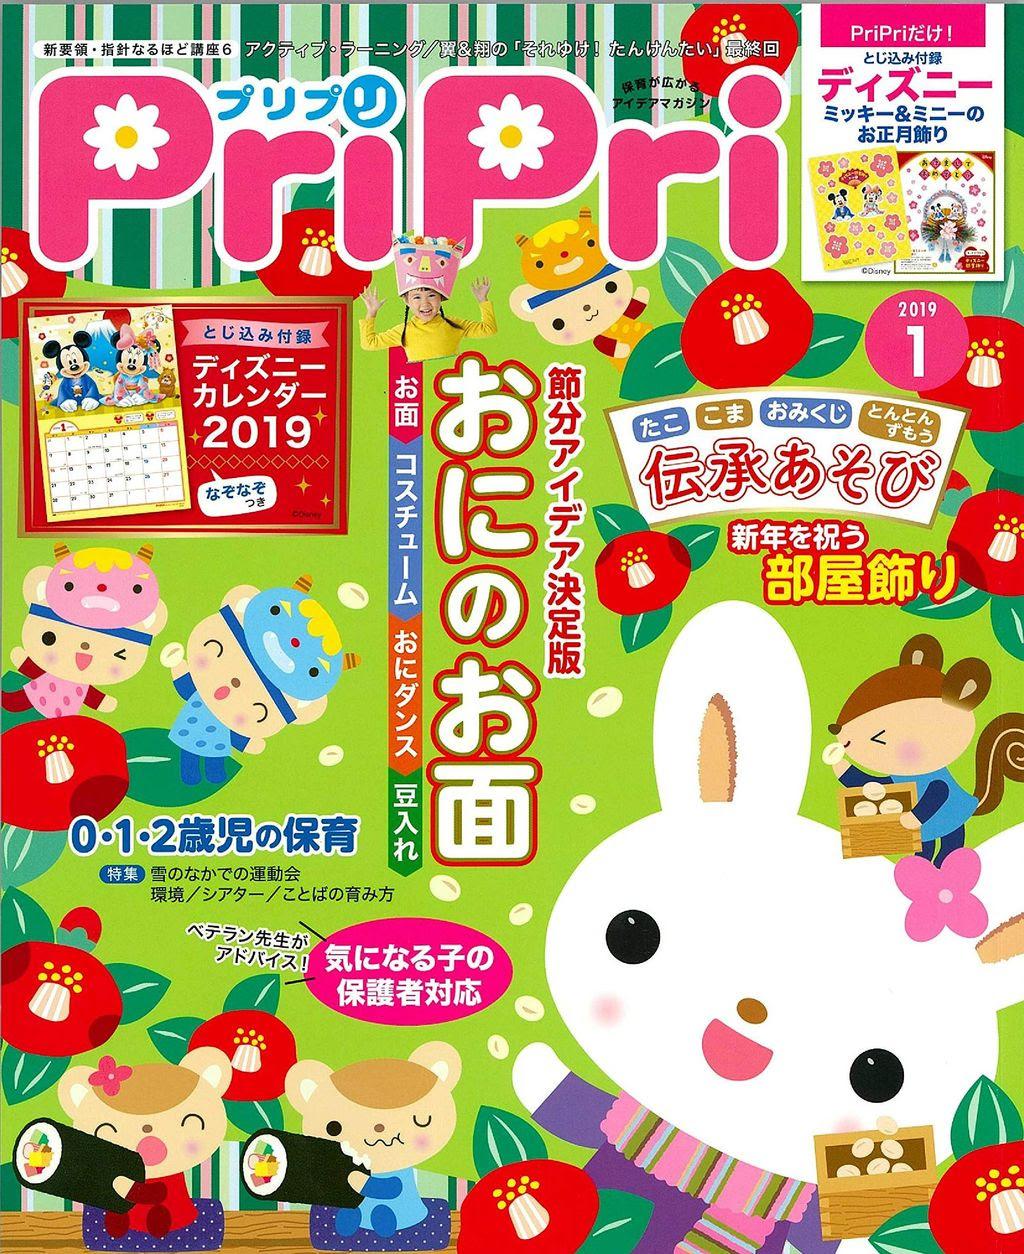 プリプリ 2019年 1月号 雑誌付録 ディズニーカレンダー2019